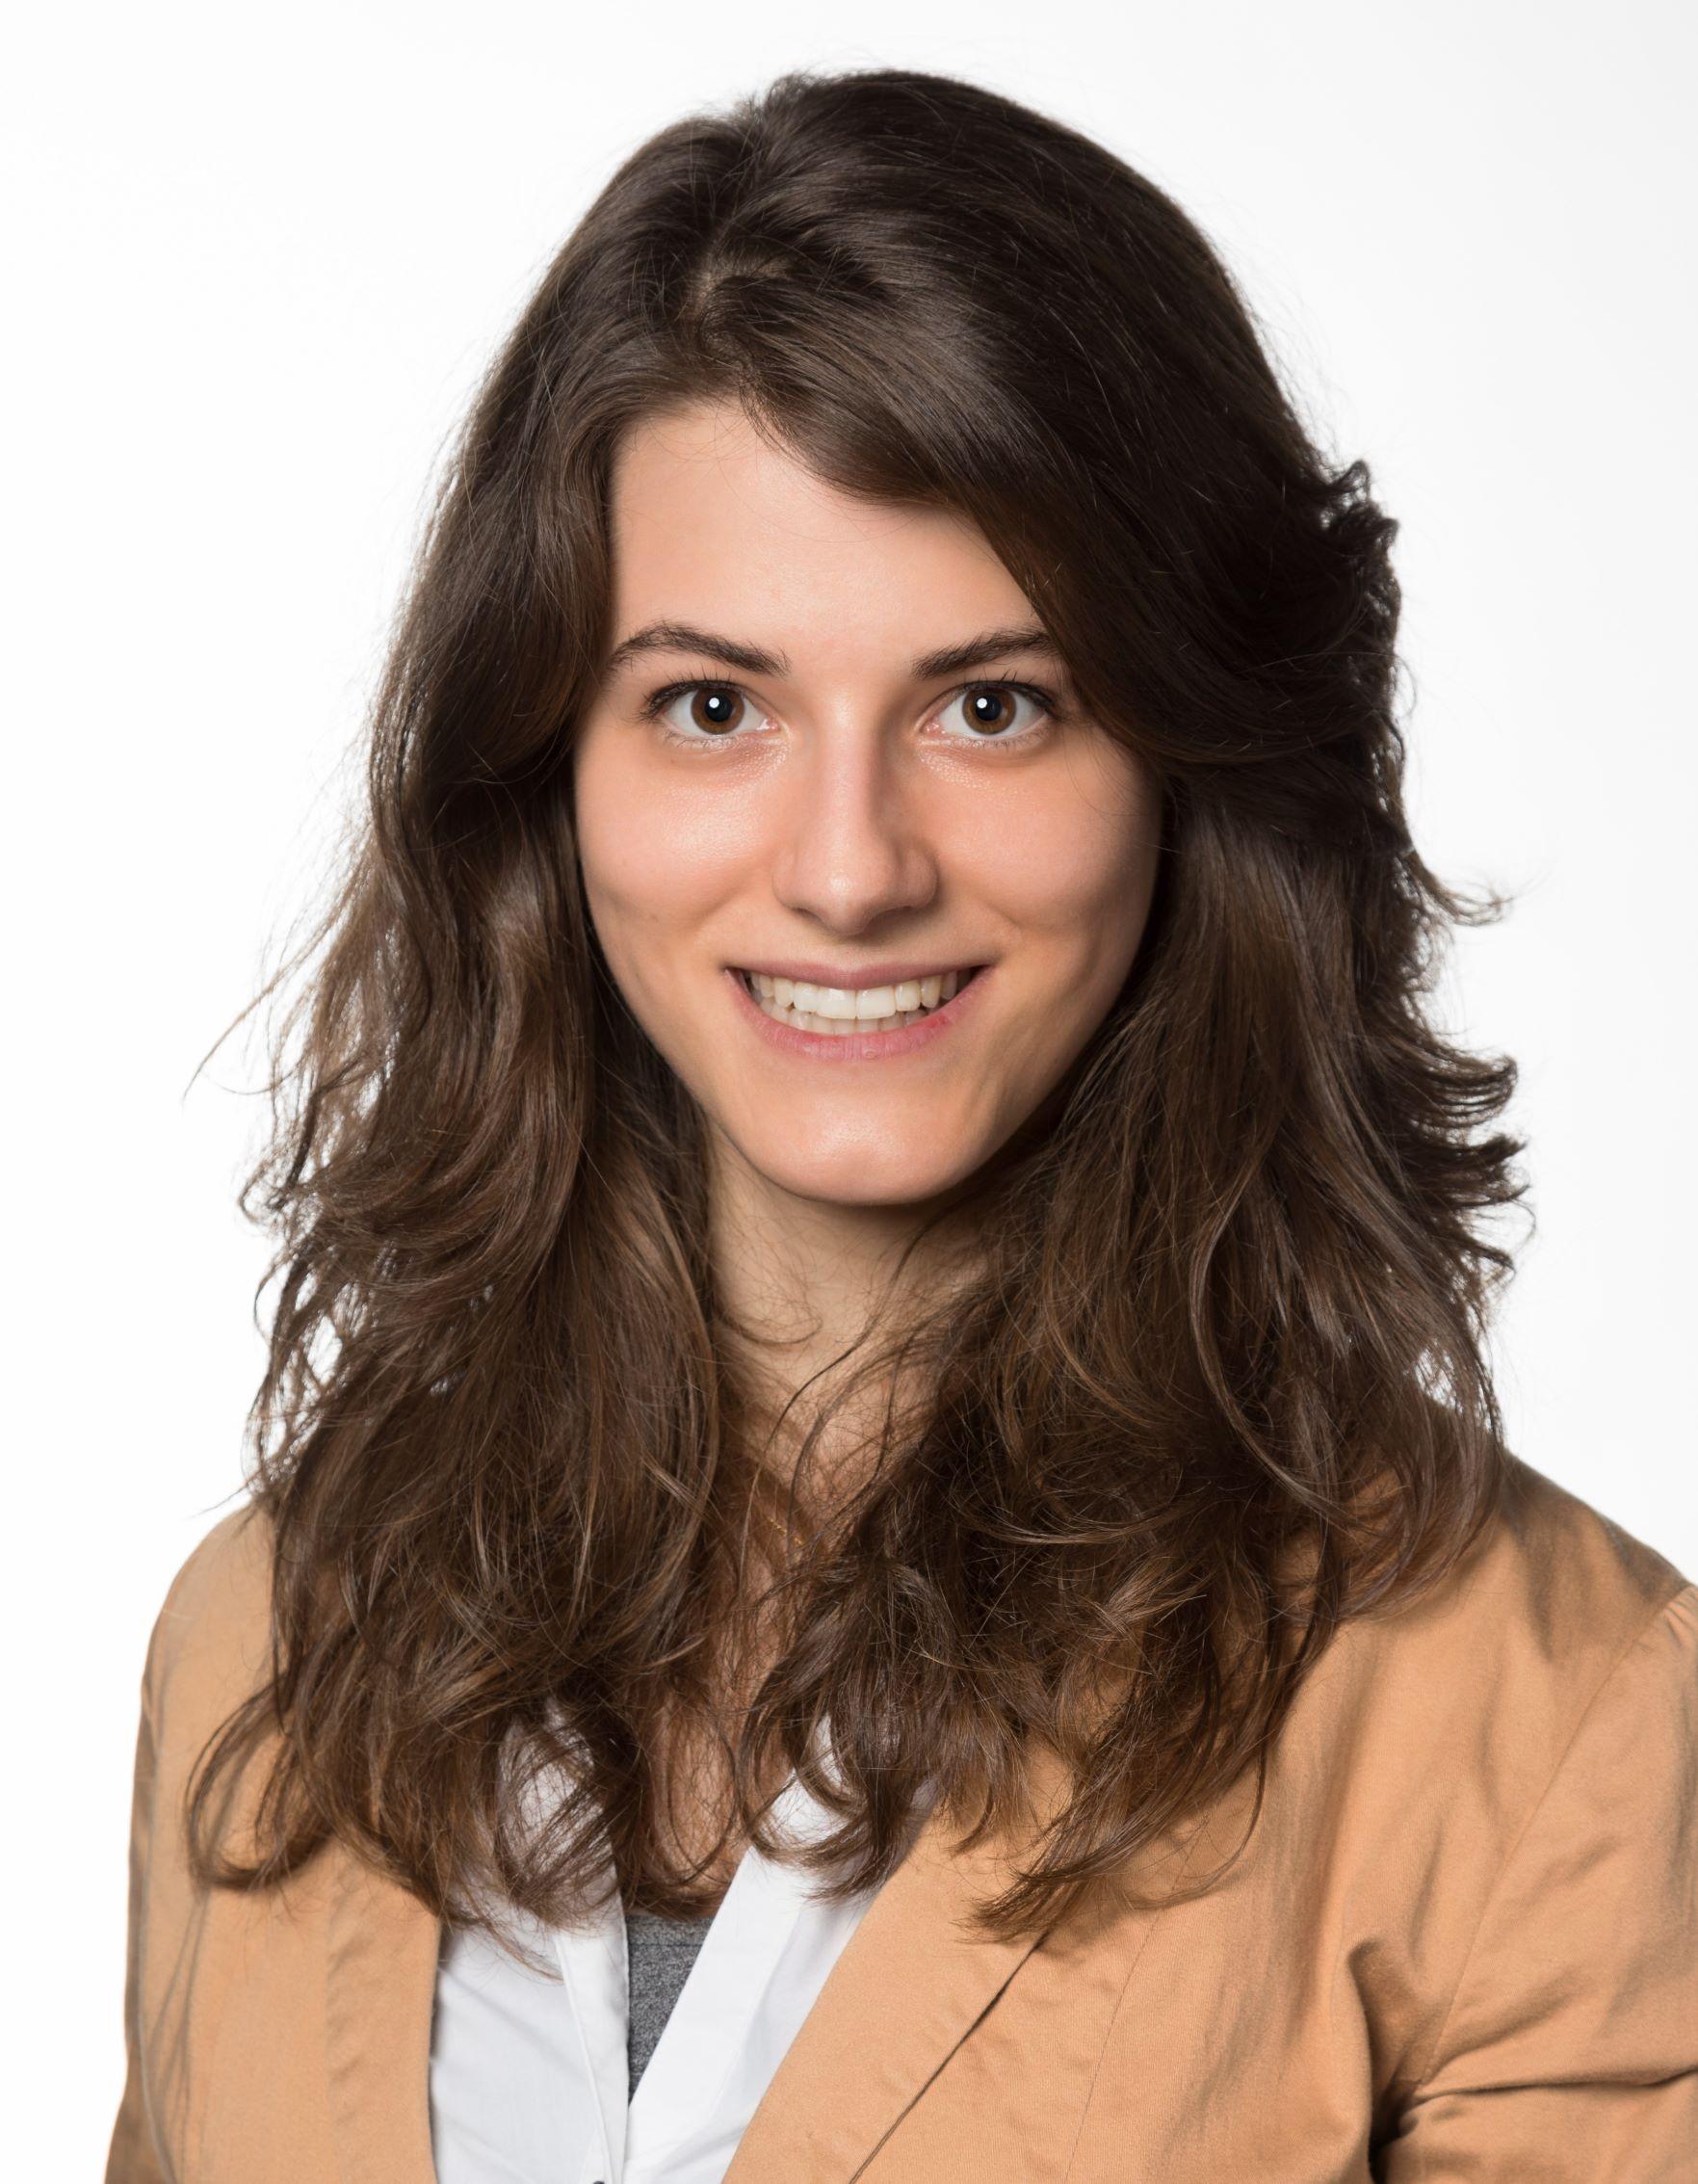 Amanda Barbara Kläger